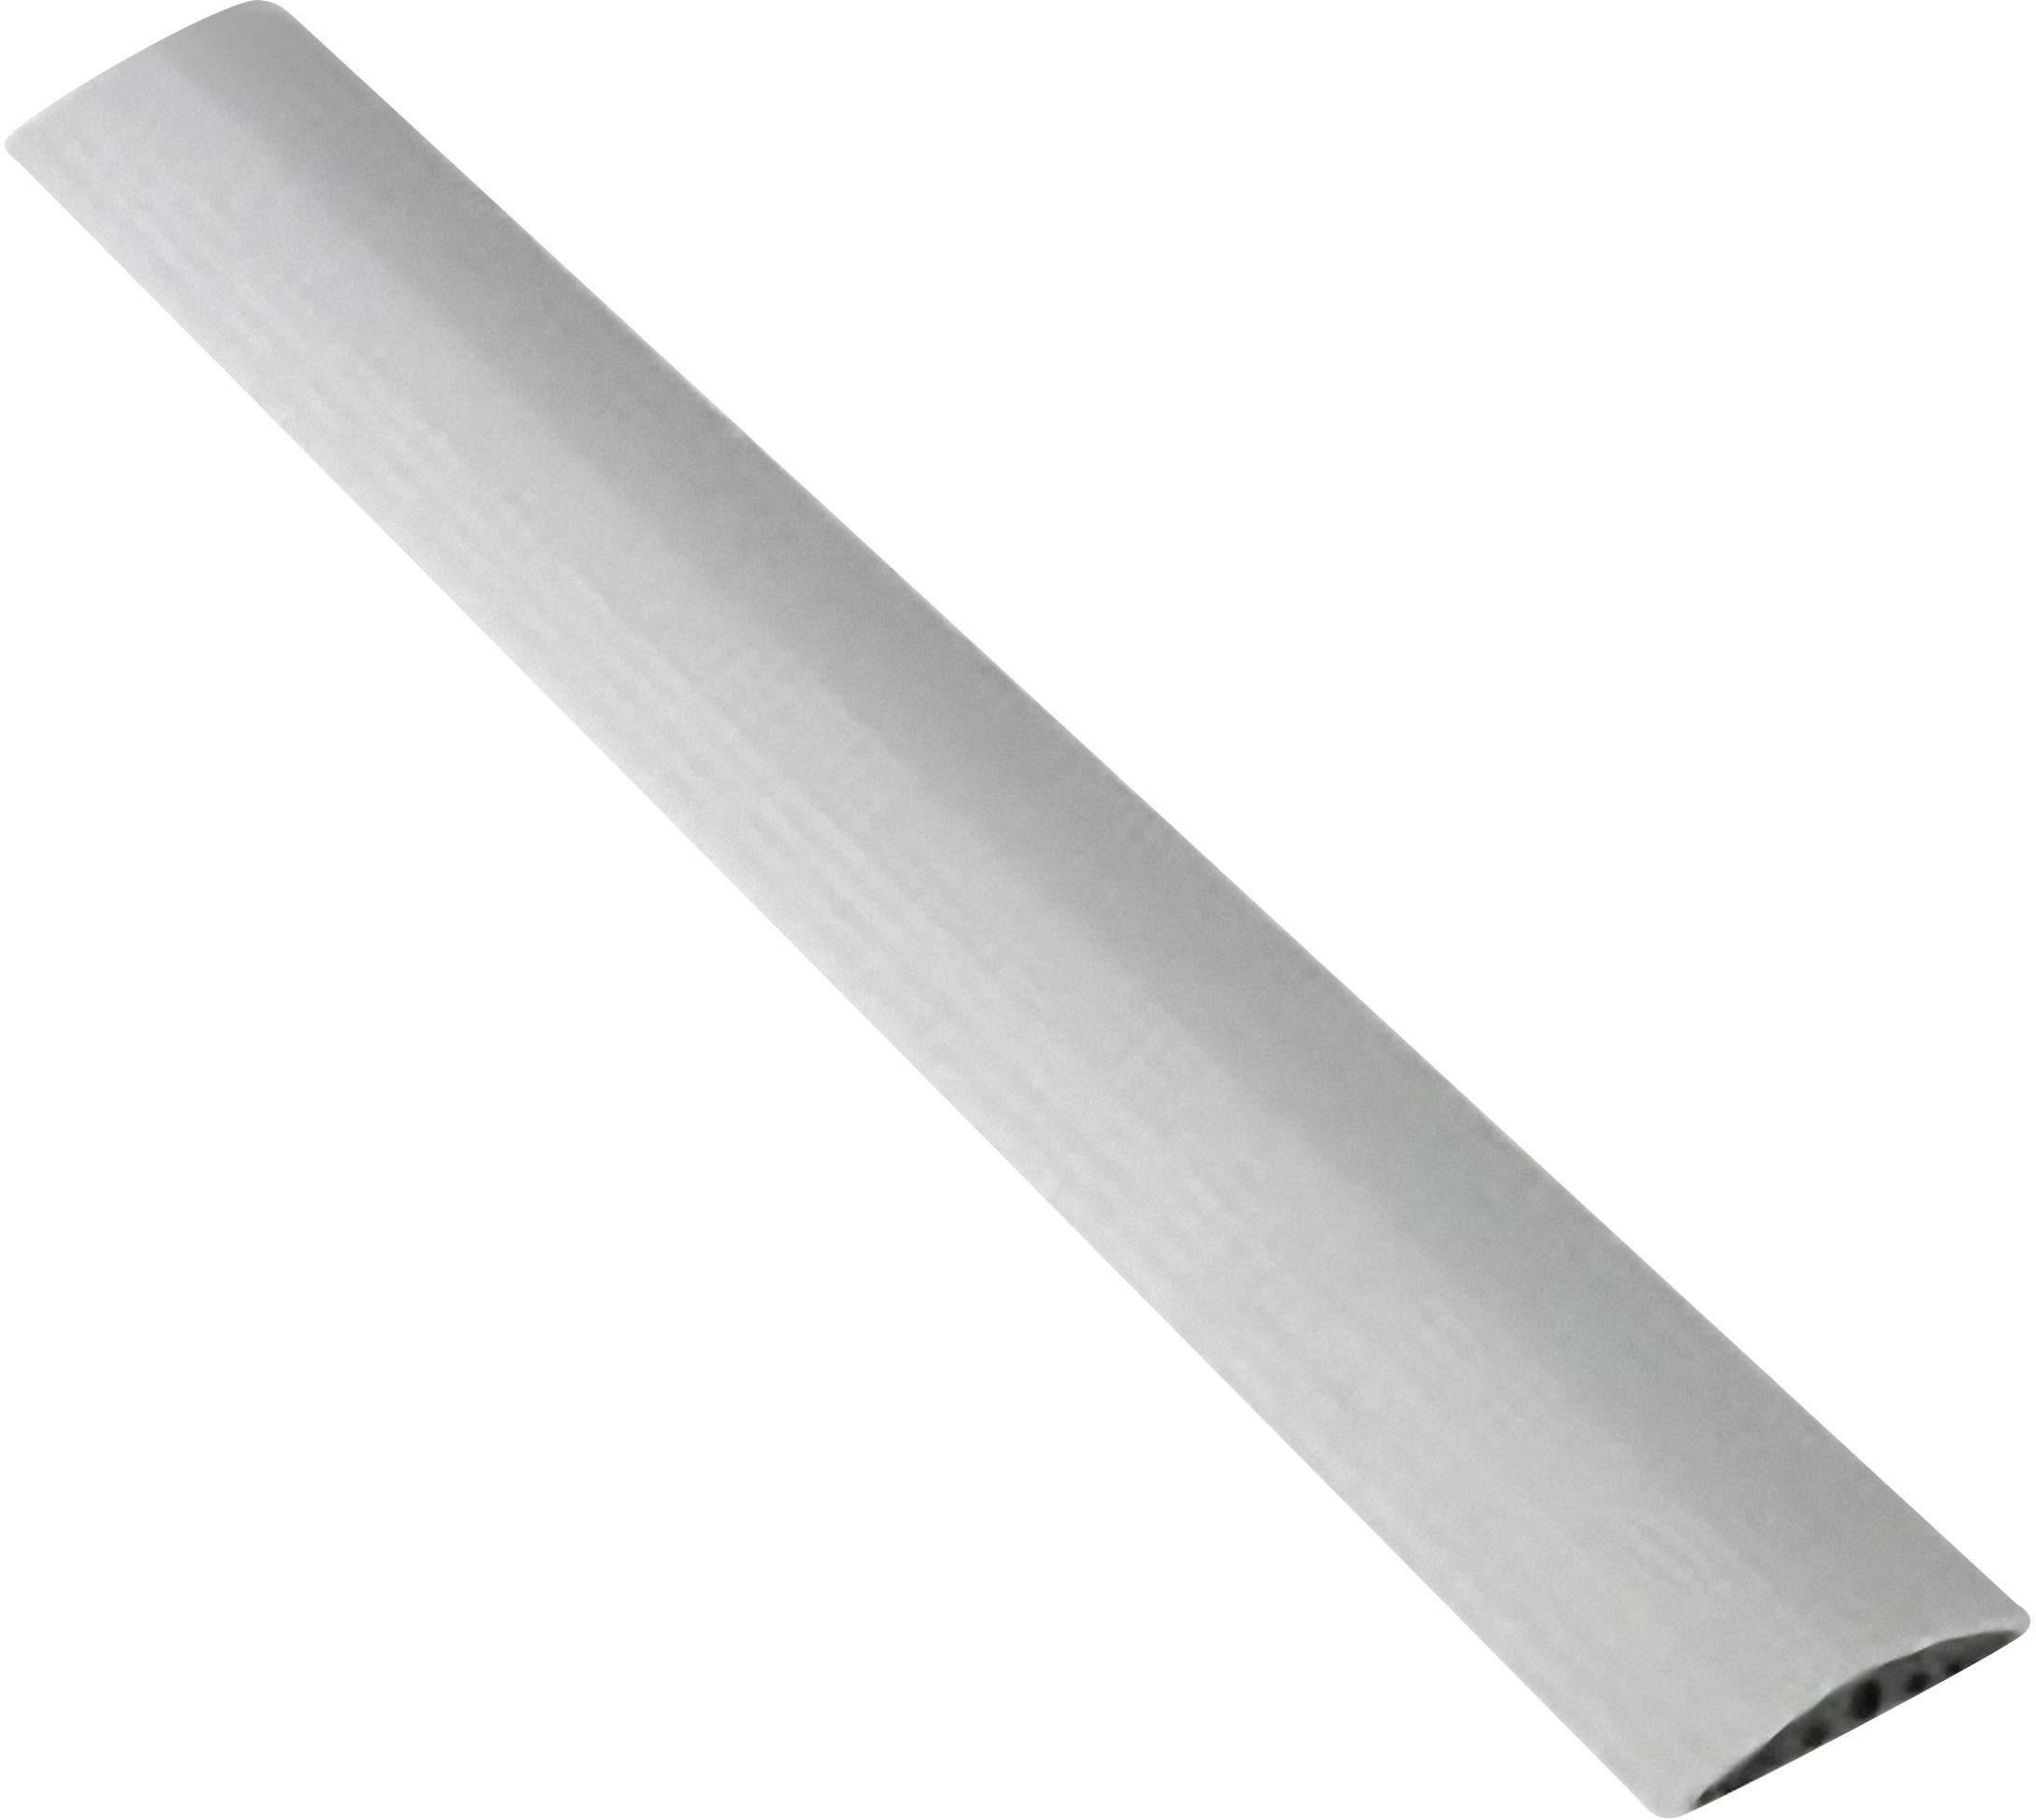 Kabelový můstek Serpa 5.01022.7042, 1.5 m x 95 mm, šedá